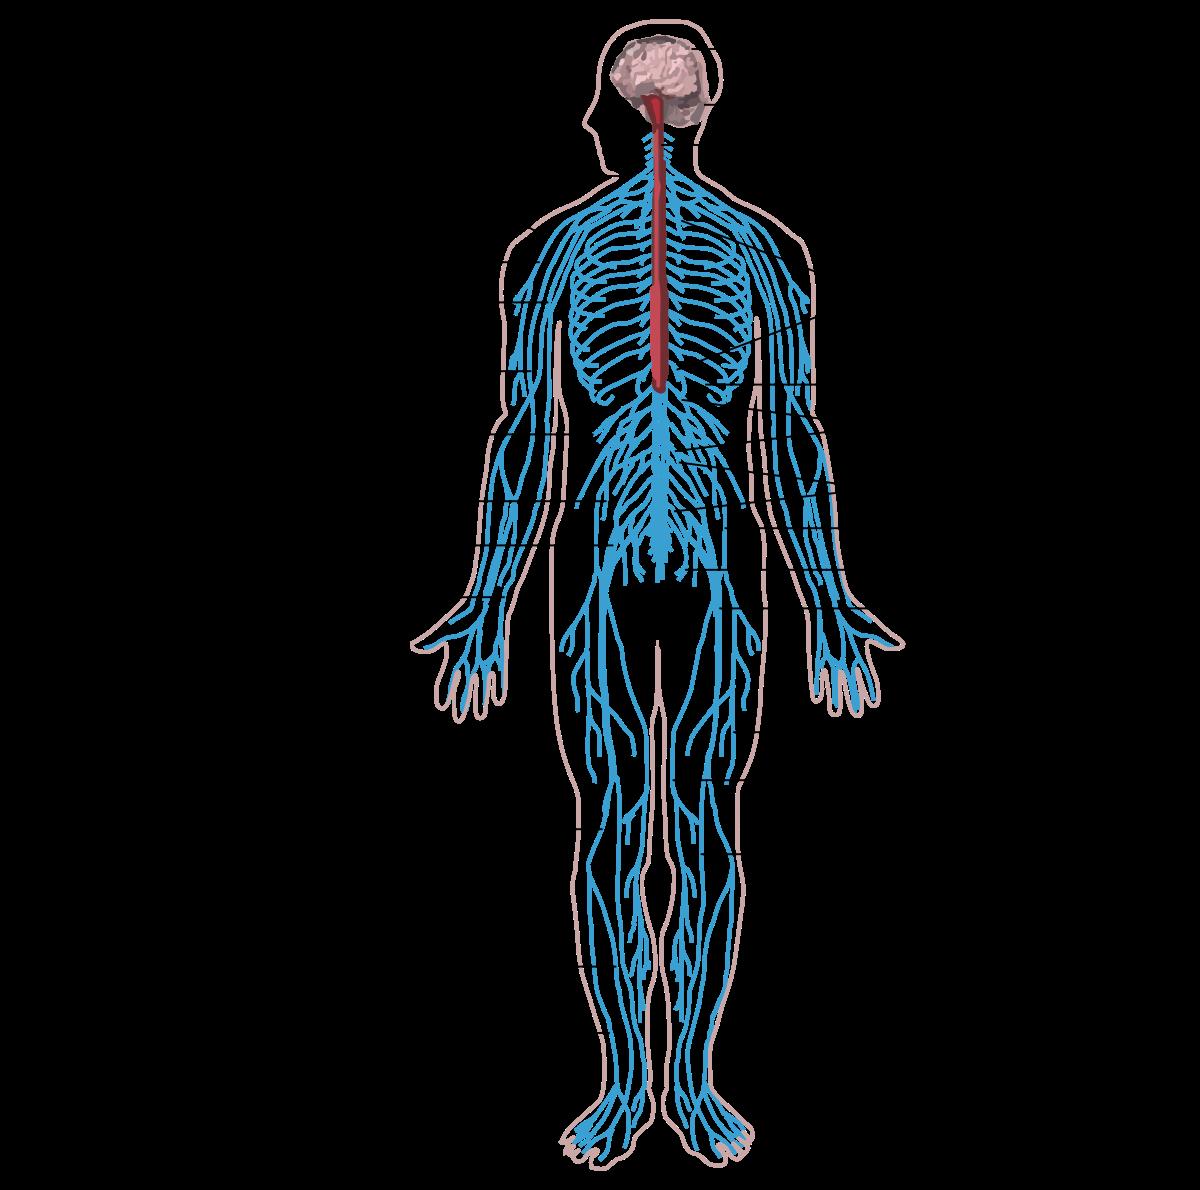 széles spektrumú pirulák az emberi testben